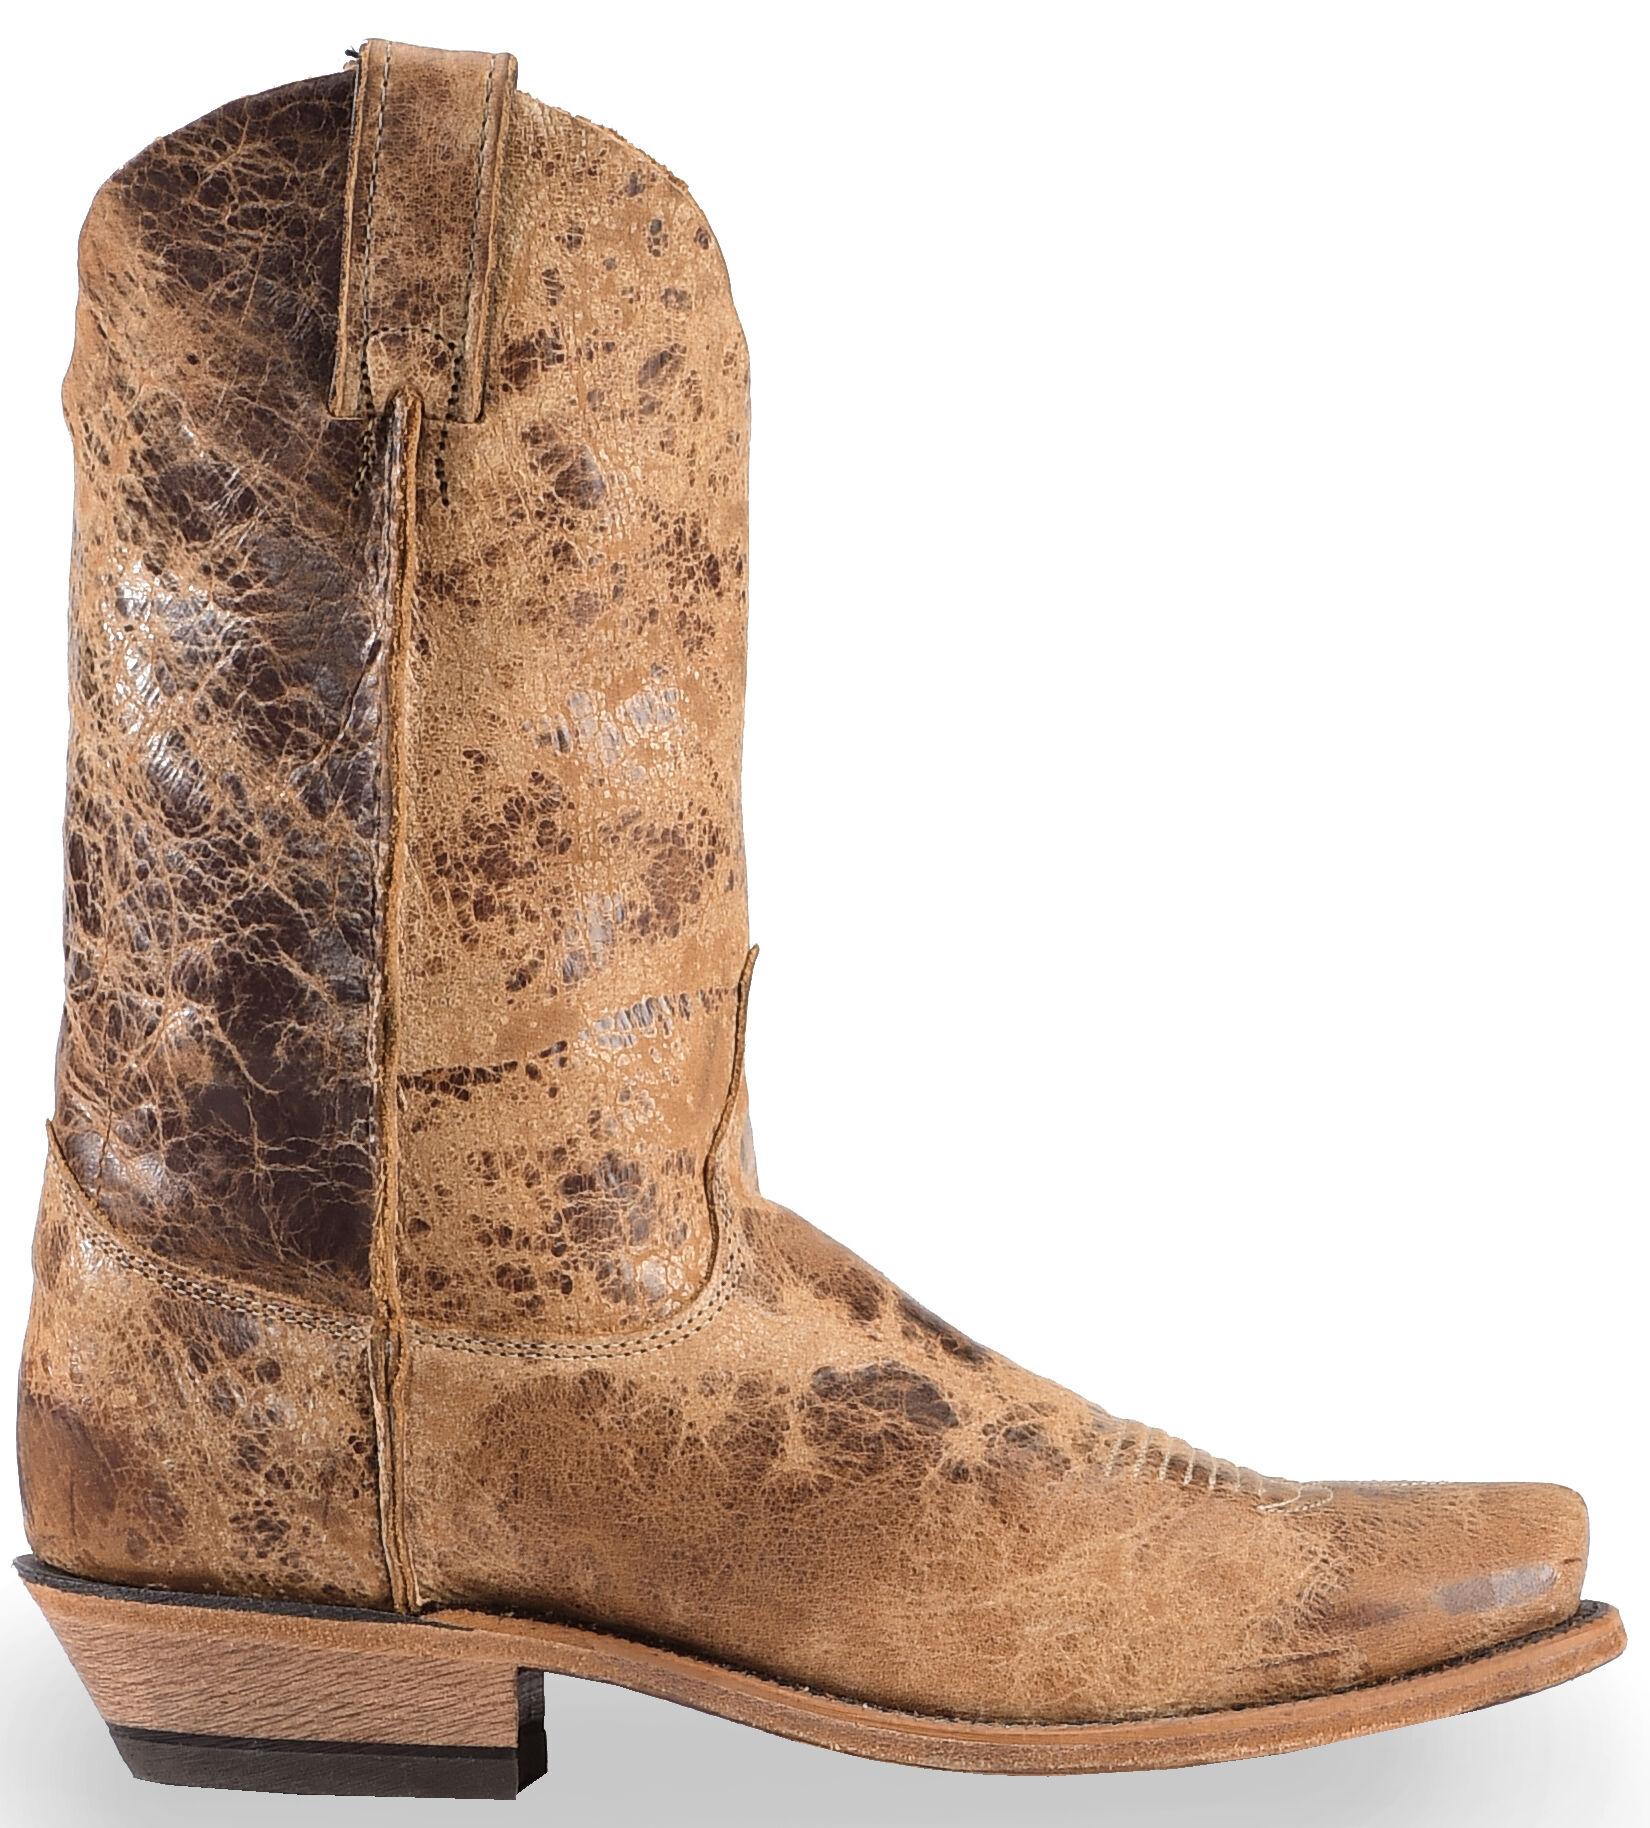 Justin Men\u0027s Distressed Cowboy Boots , Square Toe